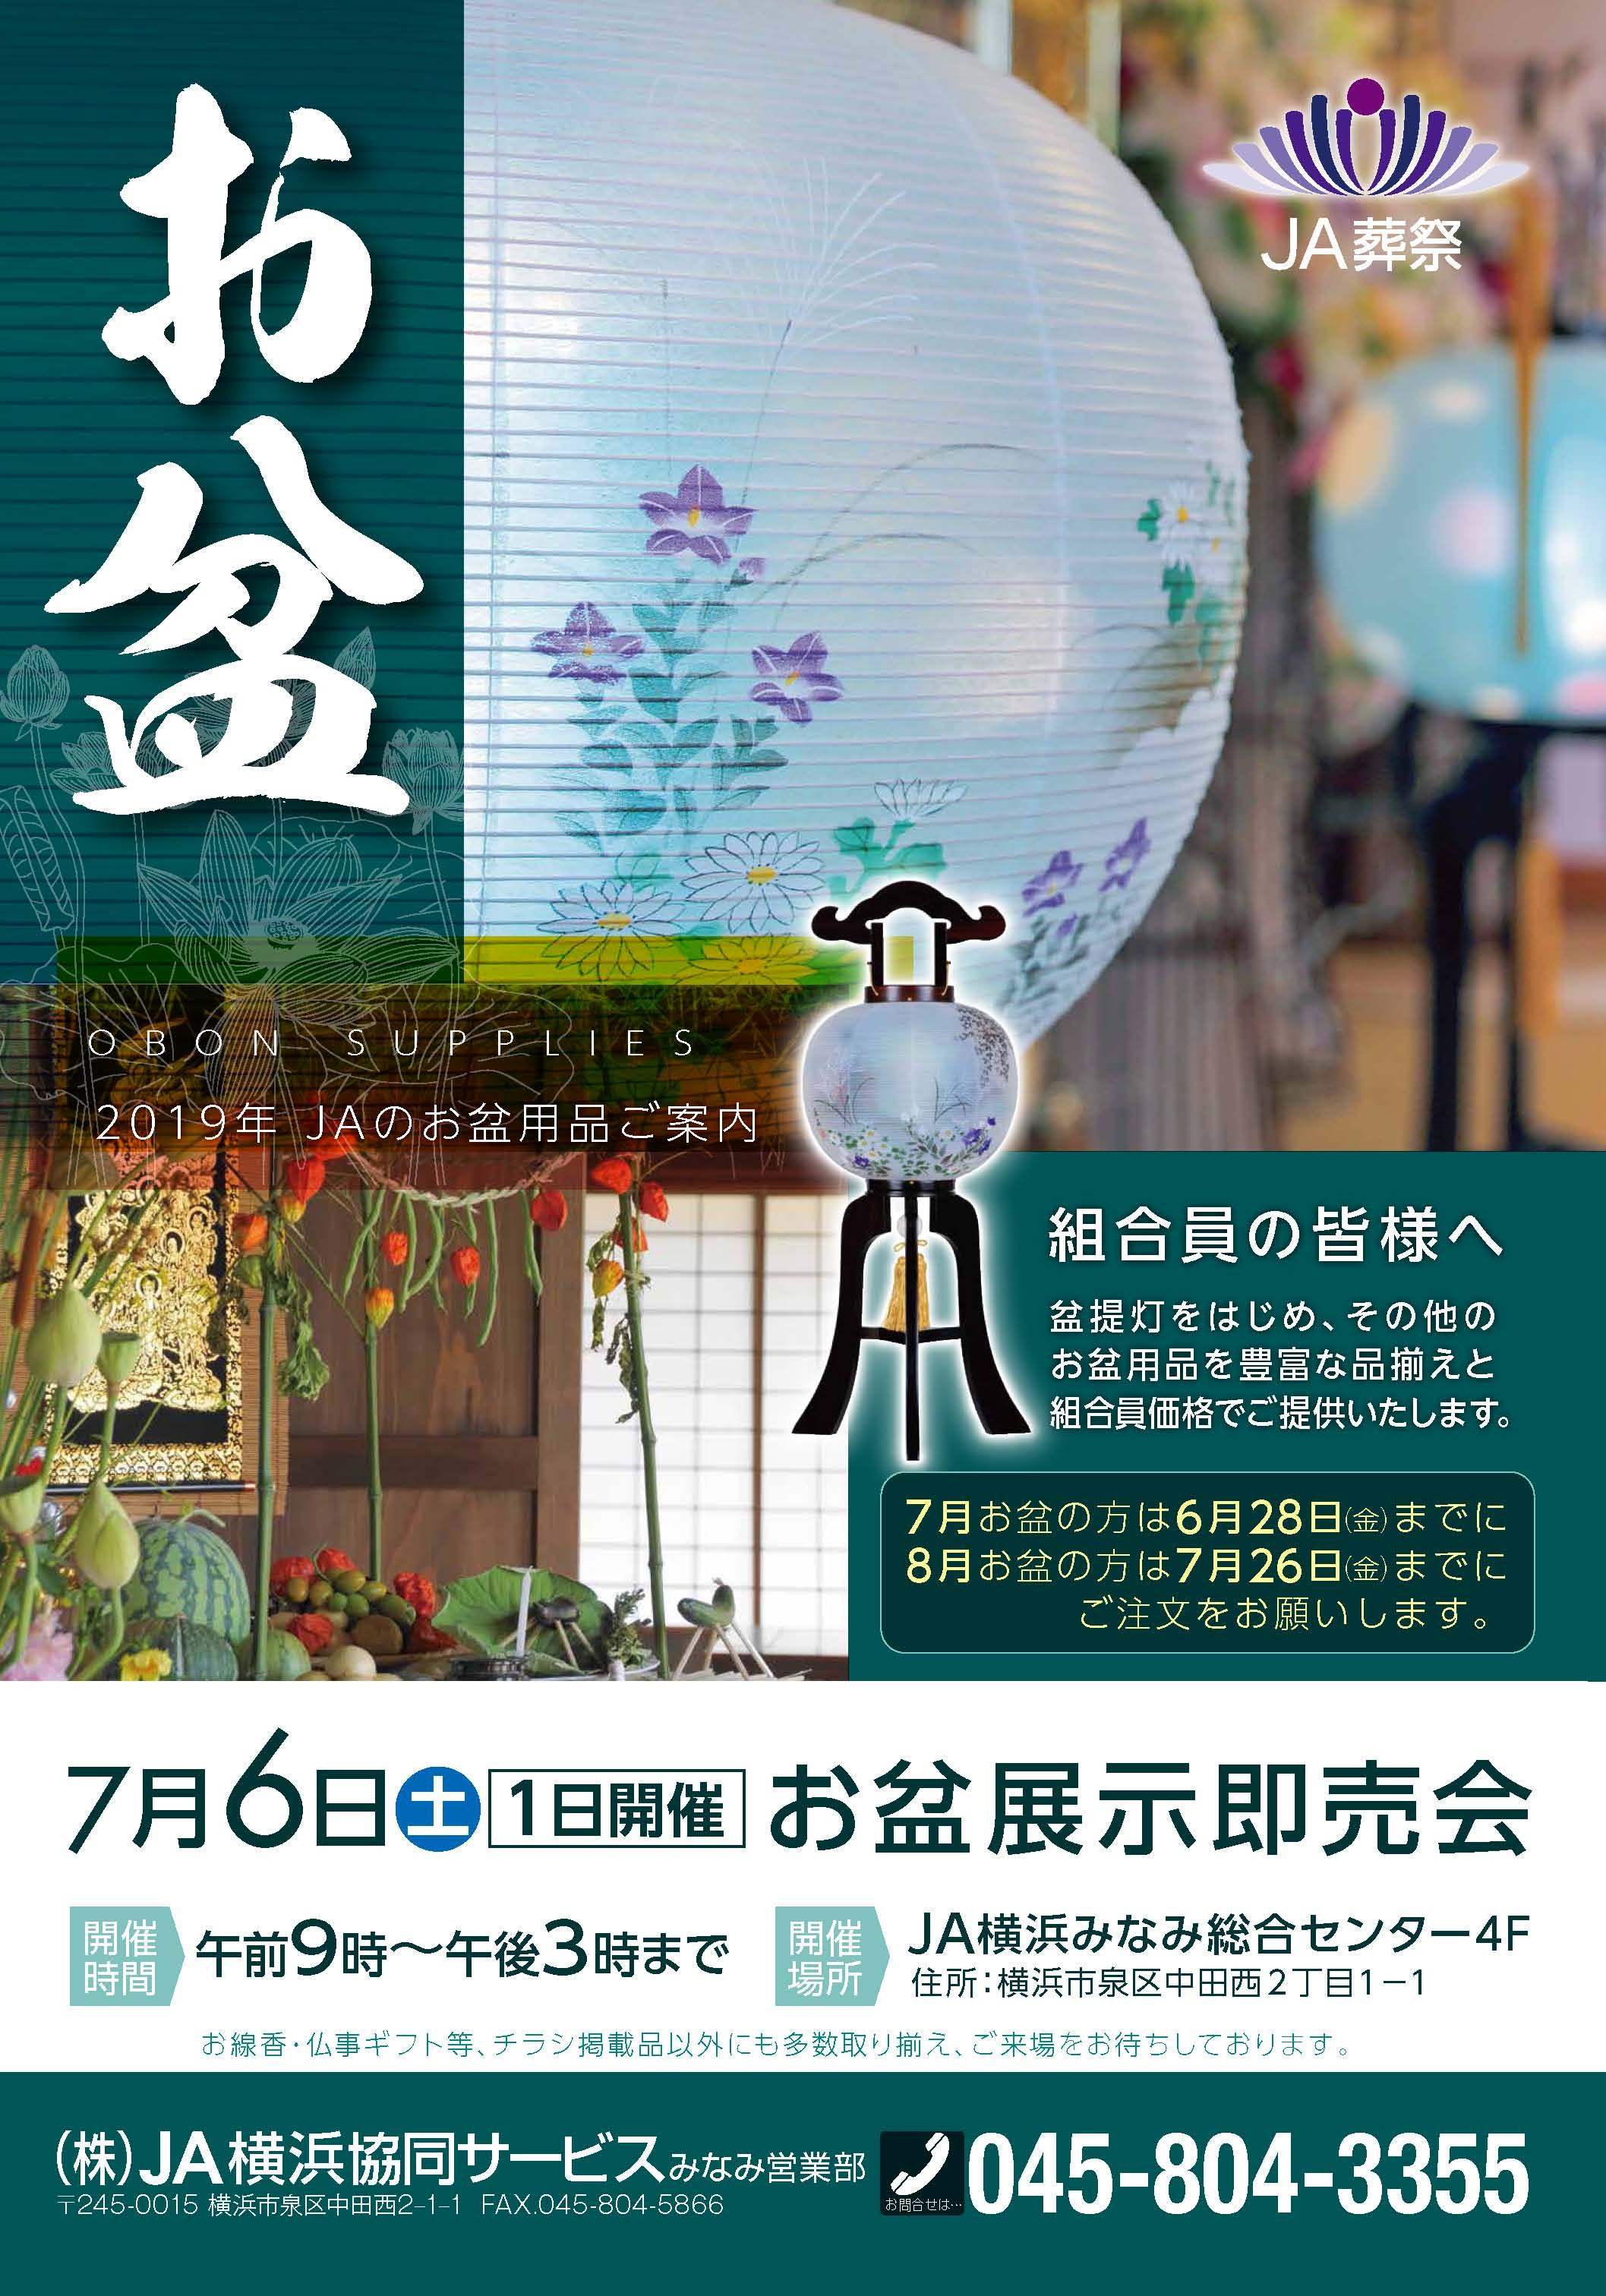 【令和元年.7.6(土)】JA横浜みなみ お盆用品 展示販売会開